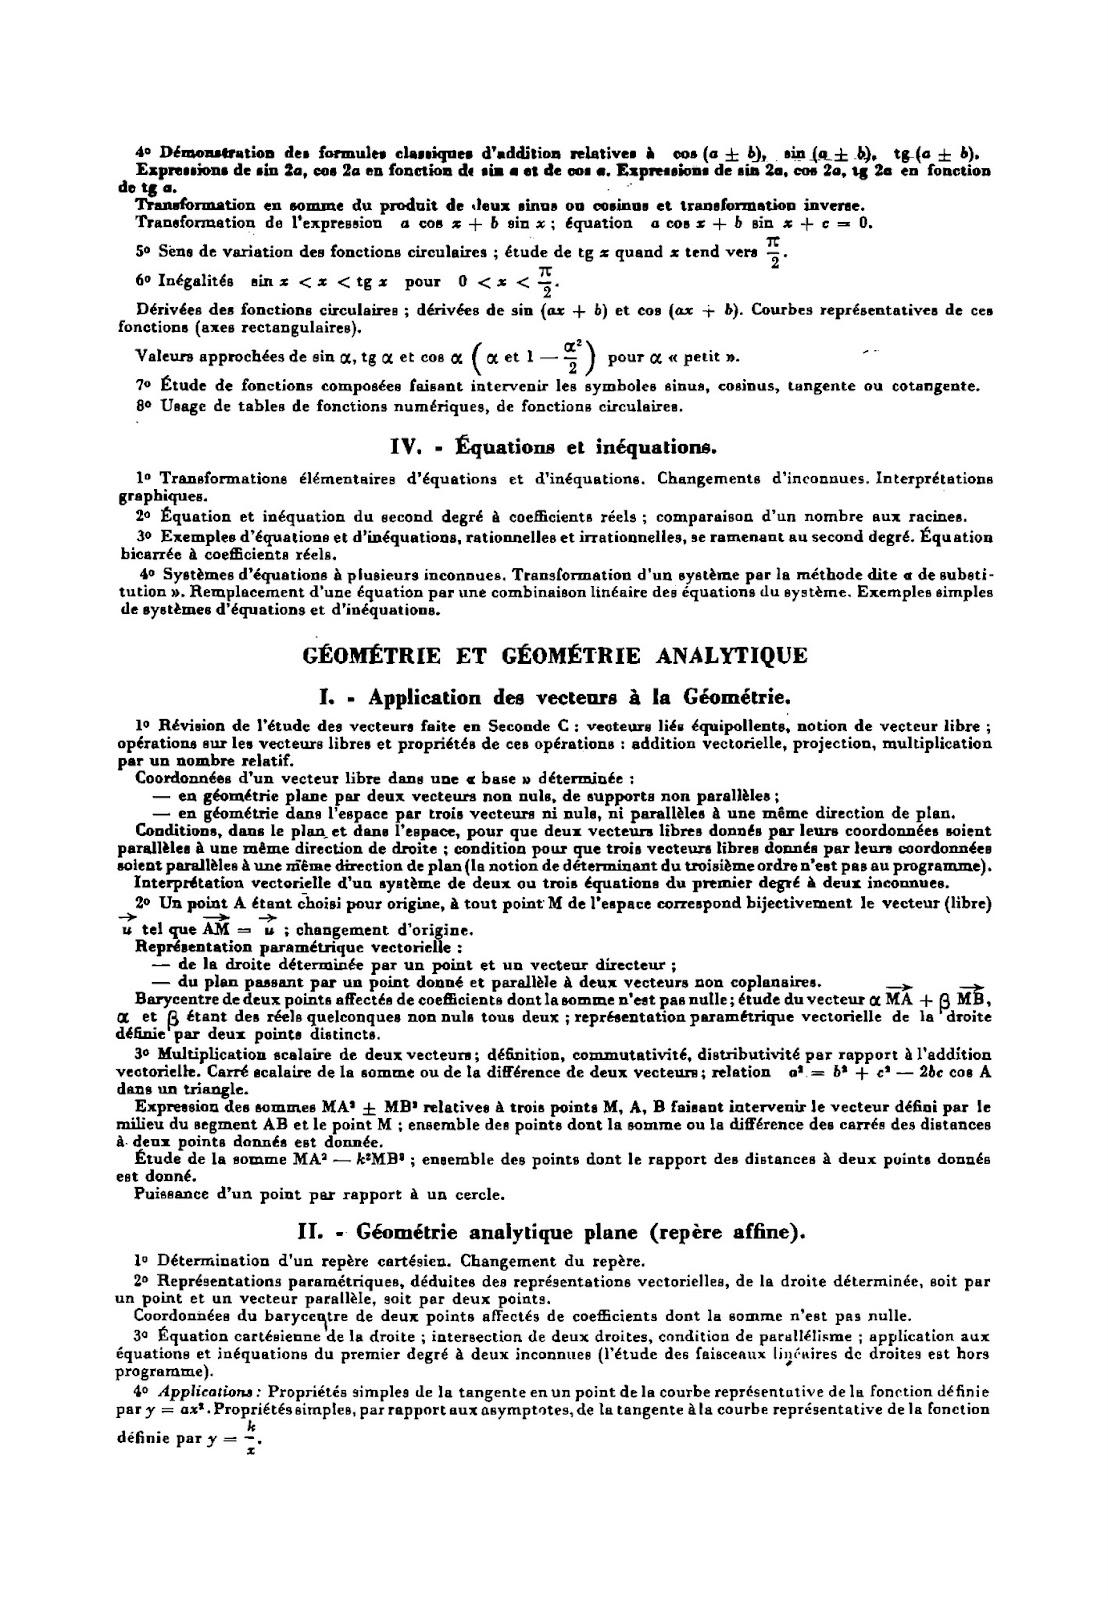 Les programmes de maths de 1882 à nos jours - Page 2 Programme%2Bde%2B1re%2BC%2B1966%2B02